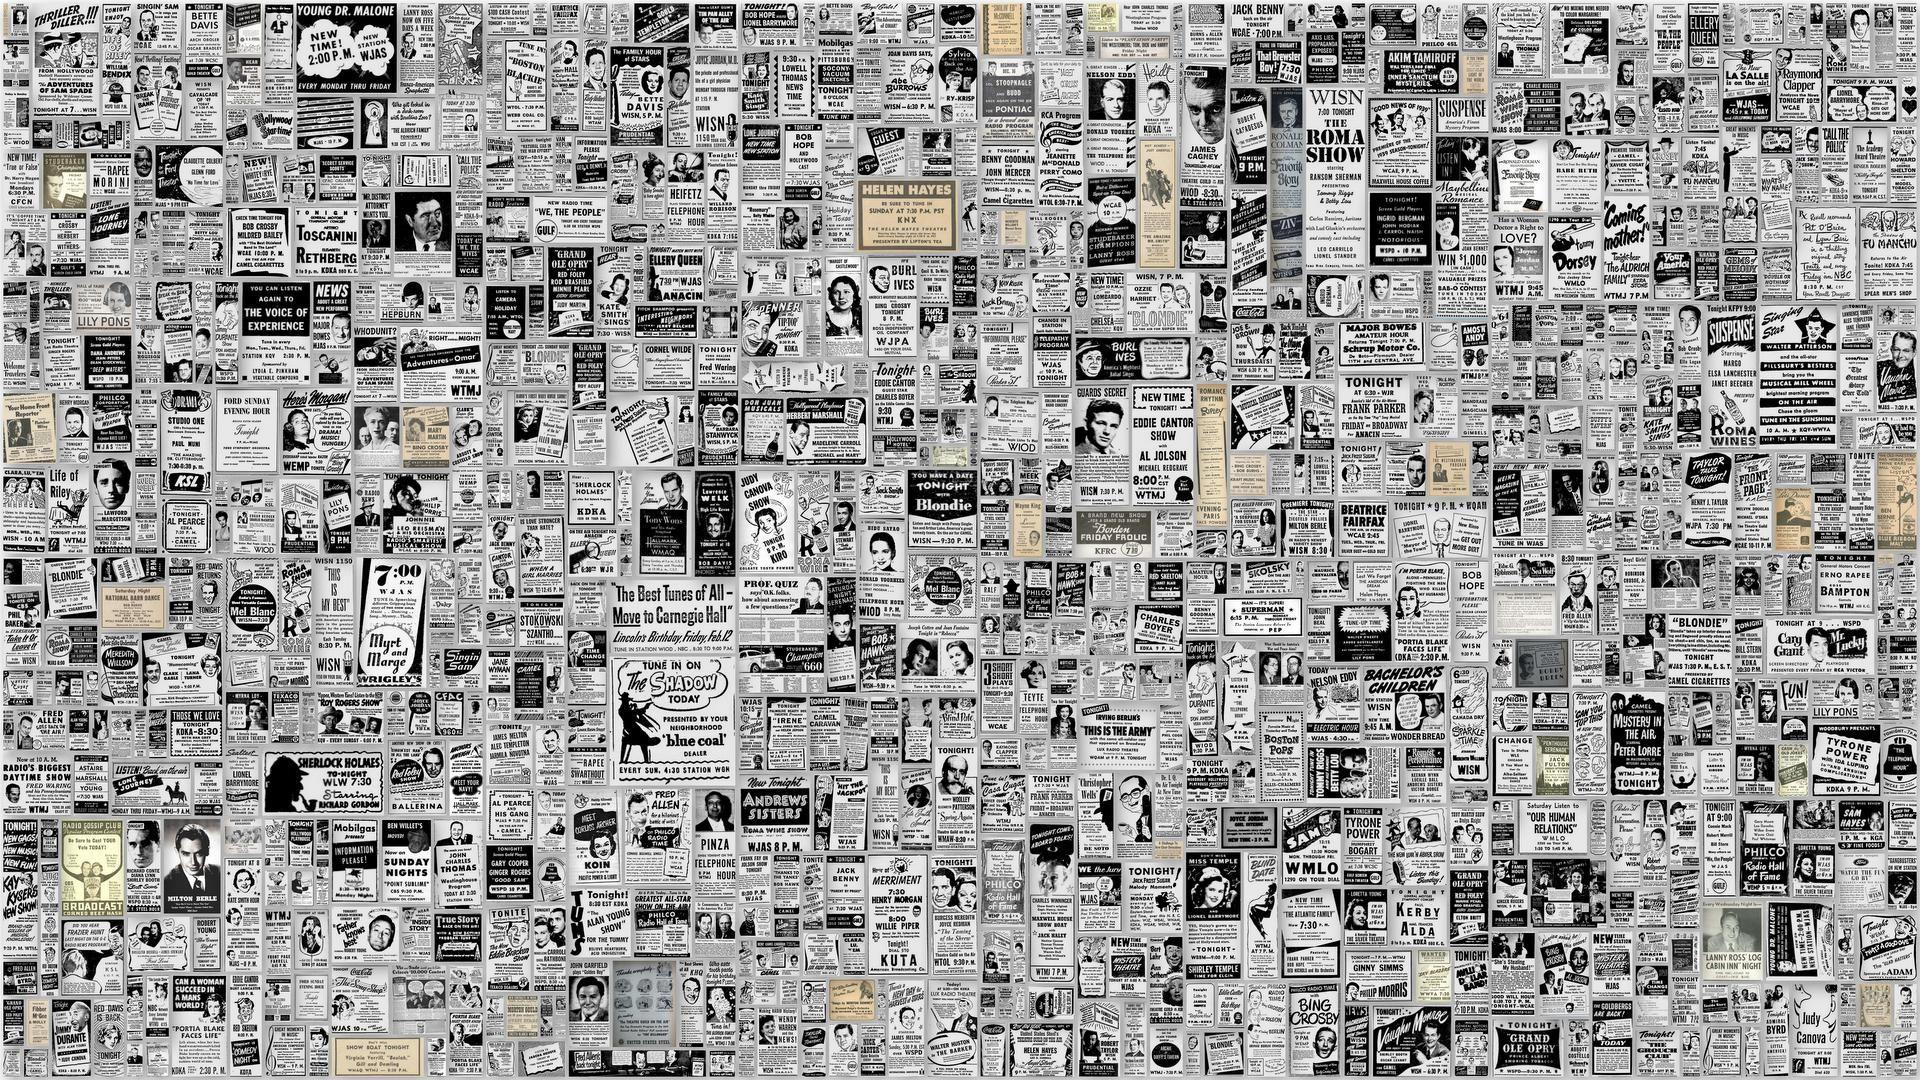 Advertisment Jpg 1920 1080 Newspaper Wallpaper Newspaper Background Wallpaper